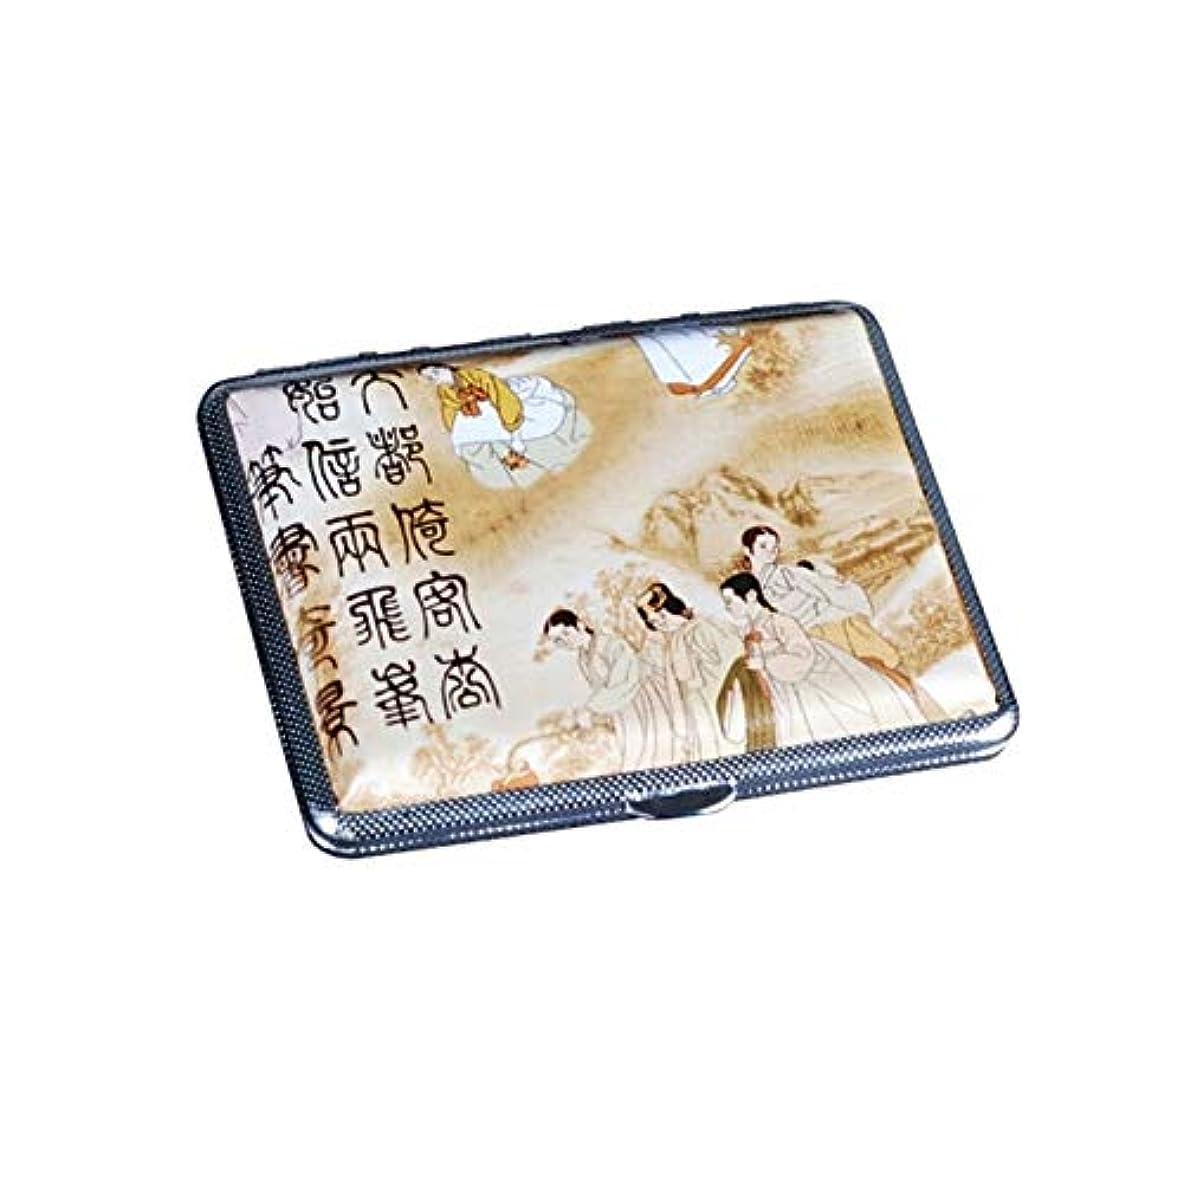 インディカ実行する例外XIAOCHAOSD タバコボックスの自動経営統合メンズクリエイティブレザーシガレットケース14本の16本の18スティック高品質ニース (Size : 14 sticks)